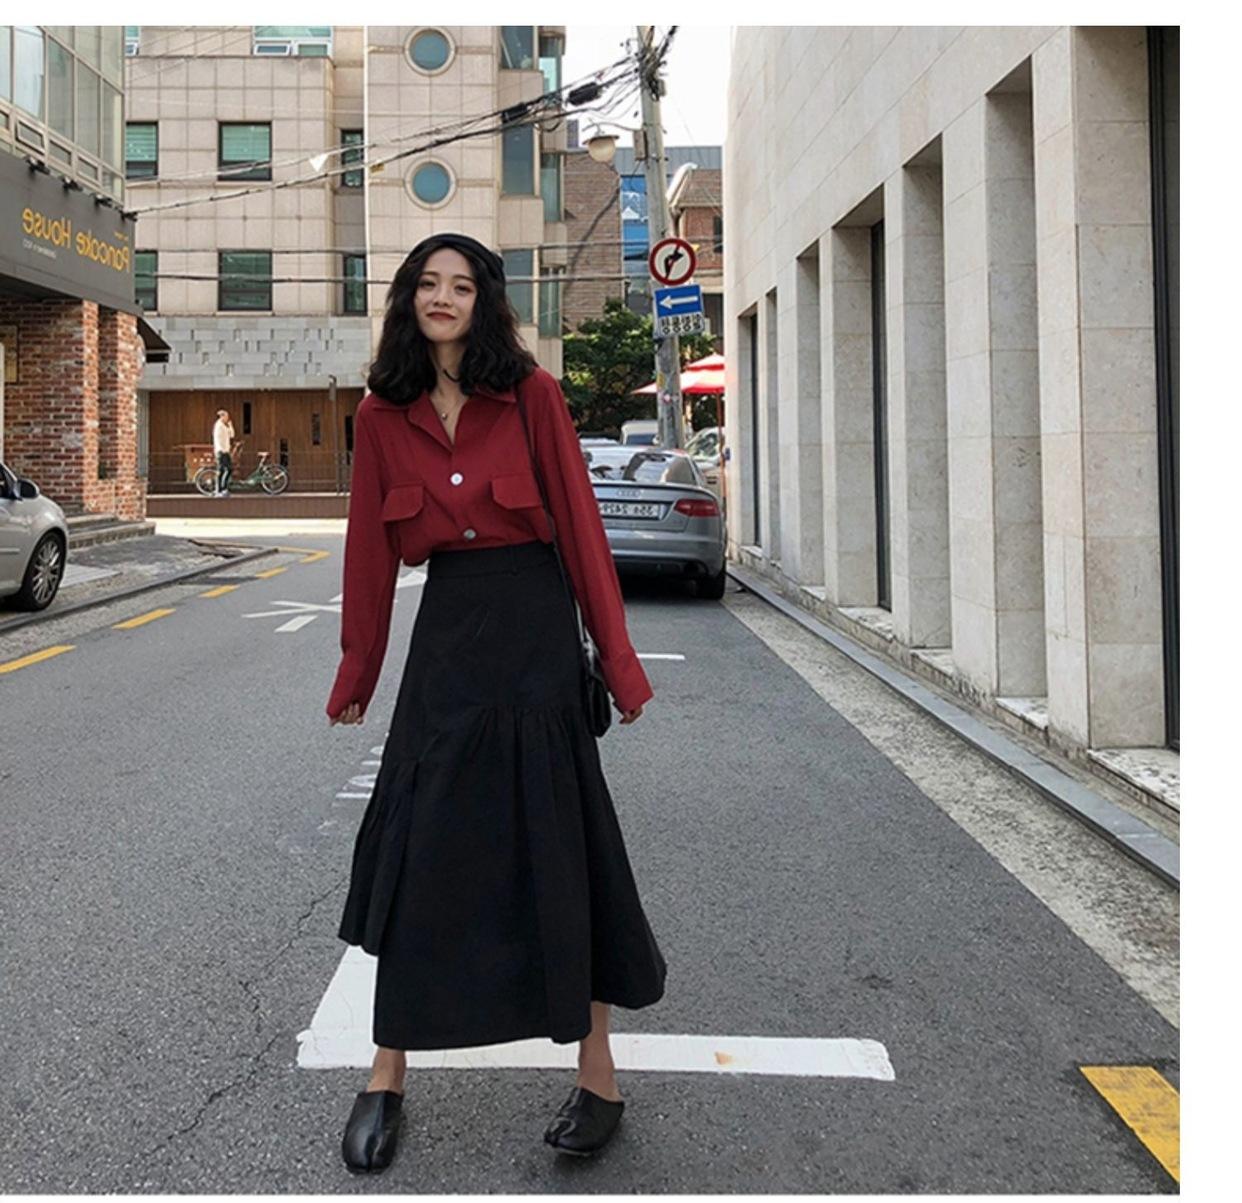 早秋裝2019年新款流行裙子初秋款套裝女時尚兩件套胖mm大碼女裝潮